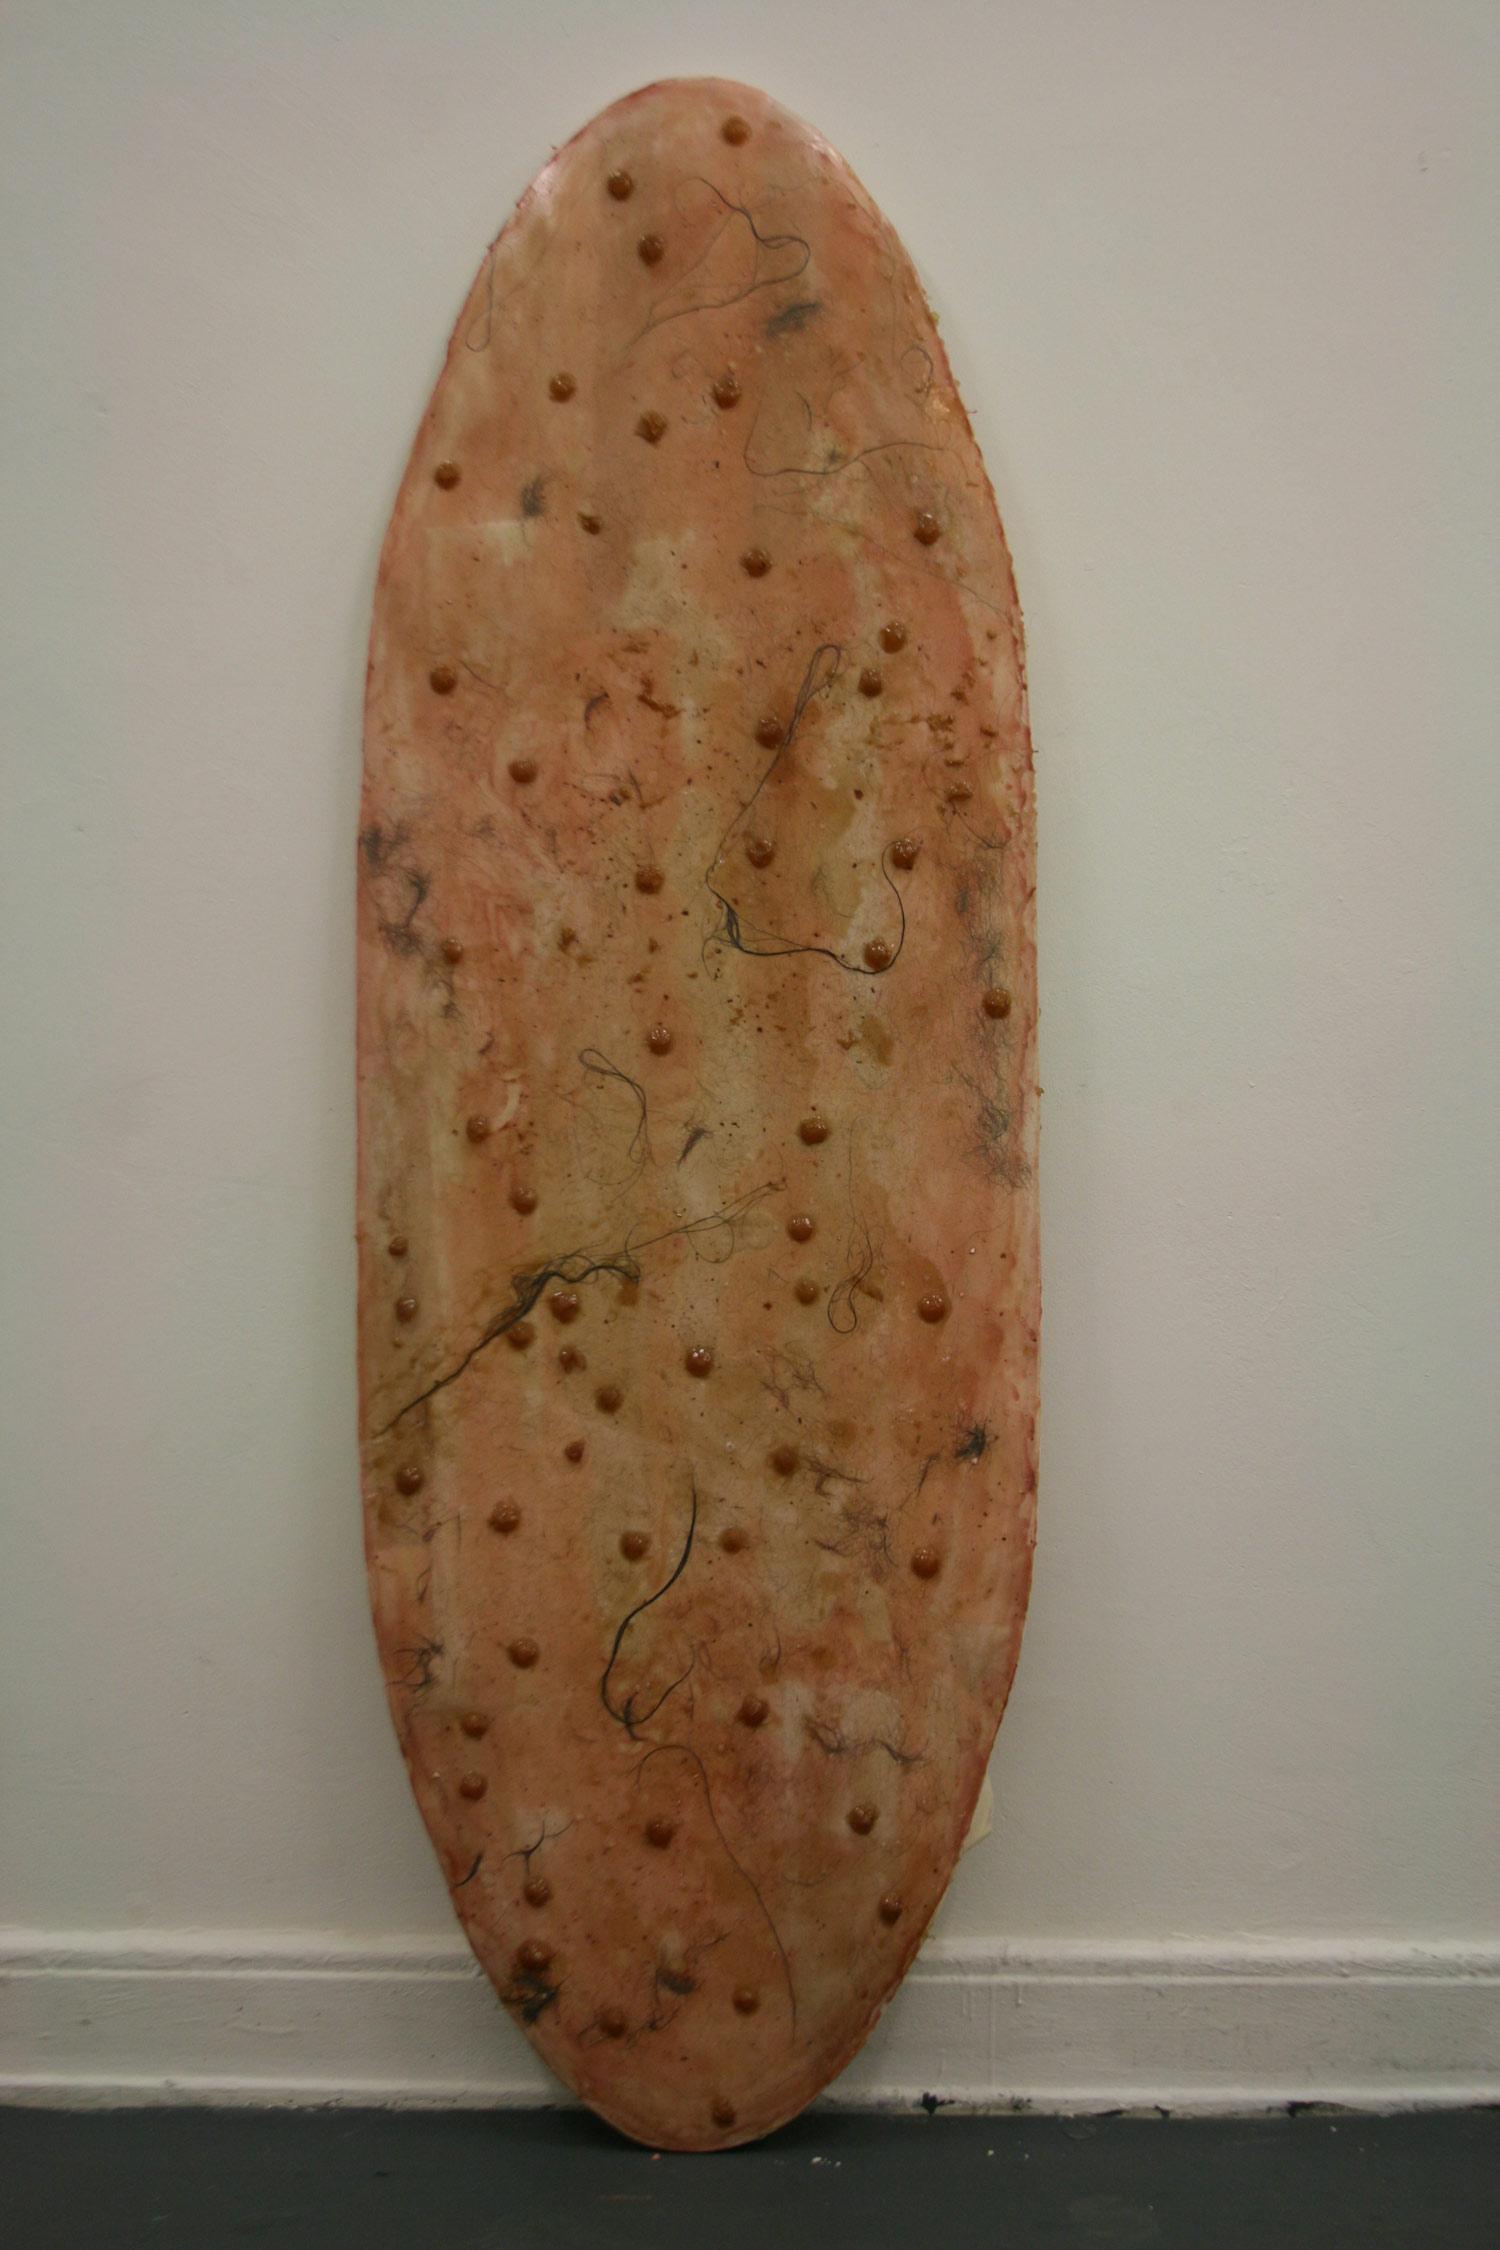 Laura Link . ohne Titel . 2013 . Knochenleim, Schaumstoff, Holz, Leinwand, Haare . 185 x 60